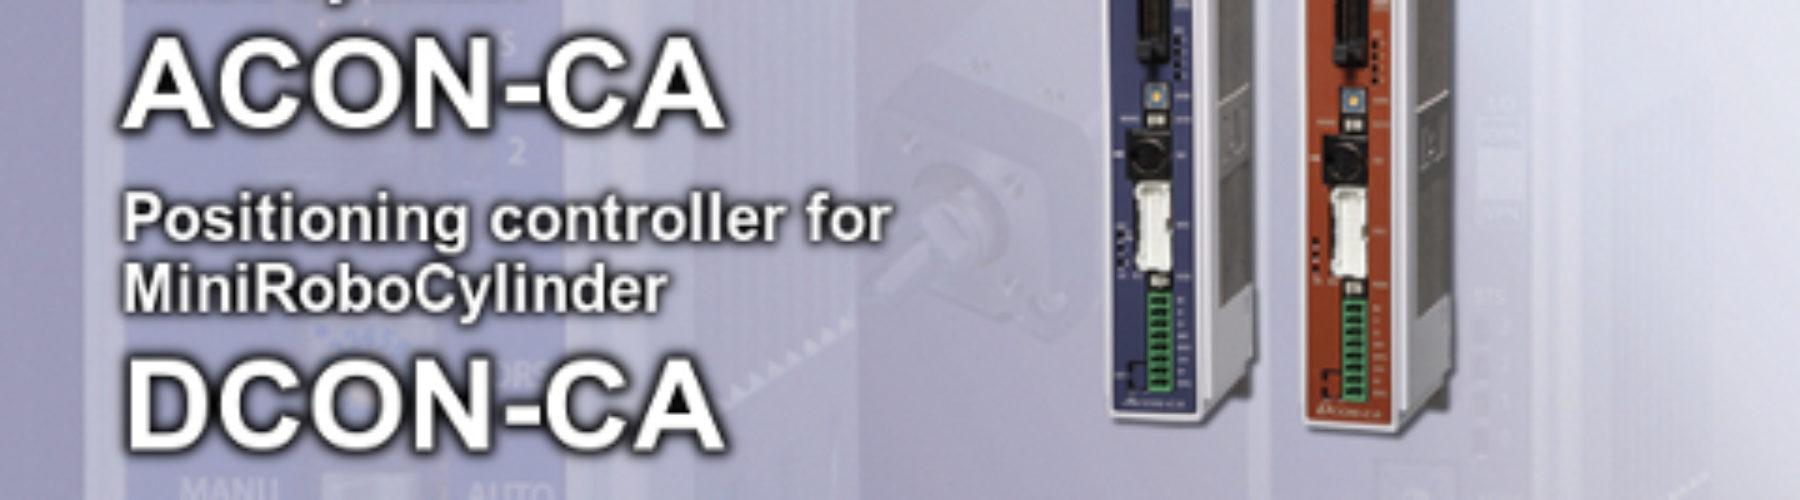 Novos controladores de posição ACON-CA e DCON-CA